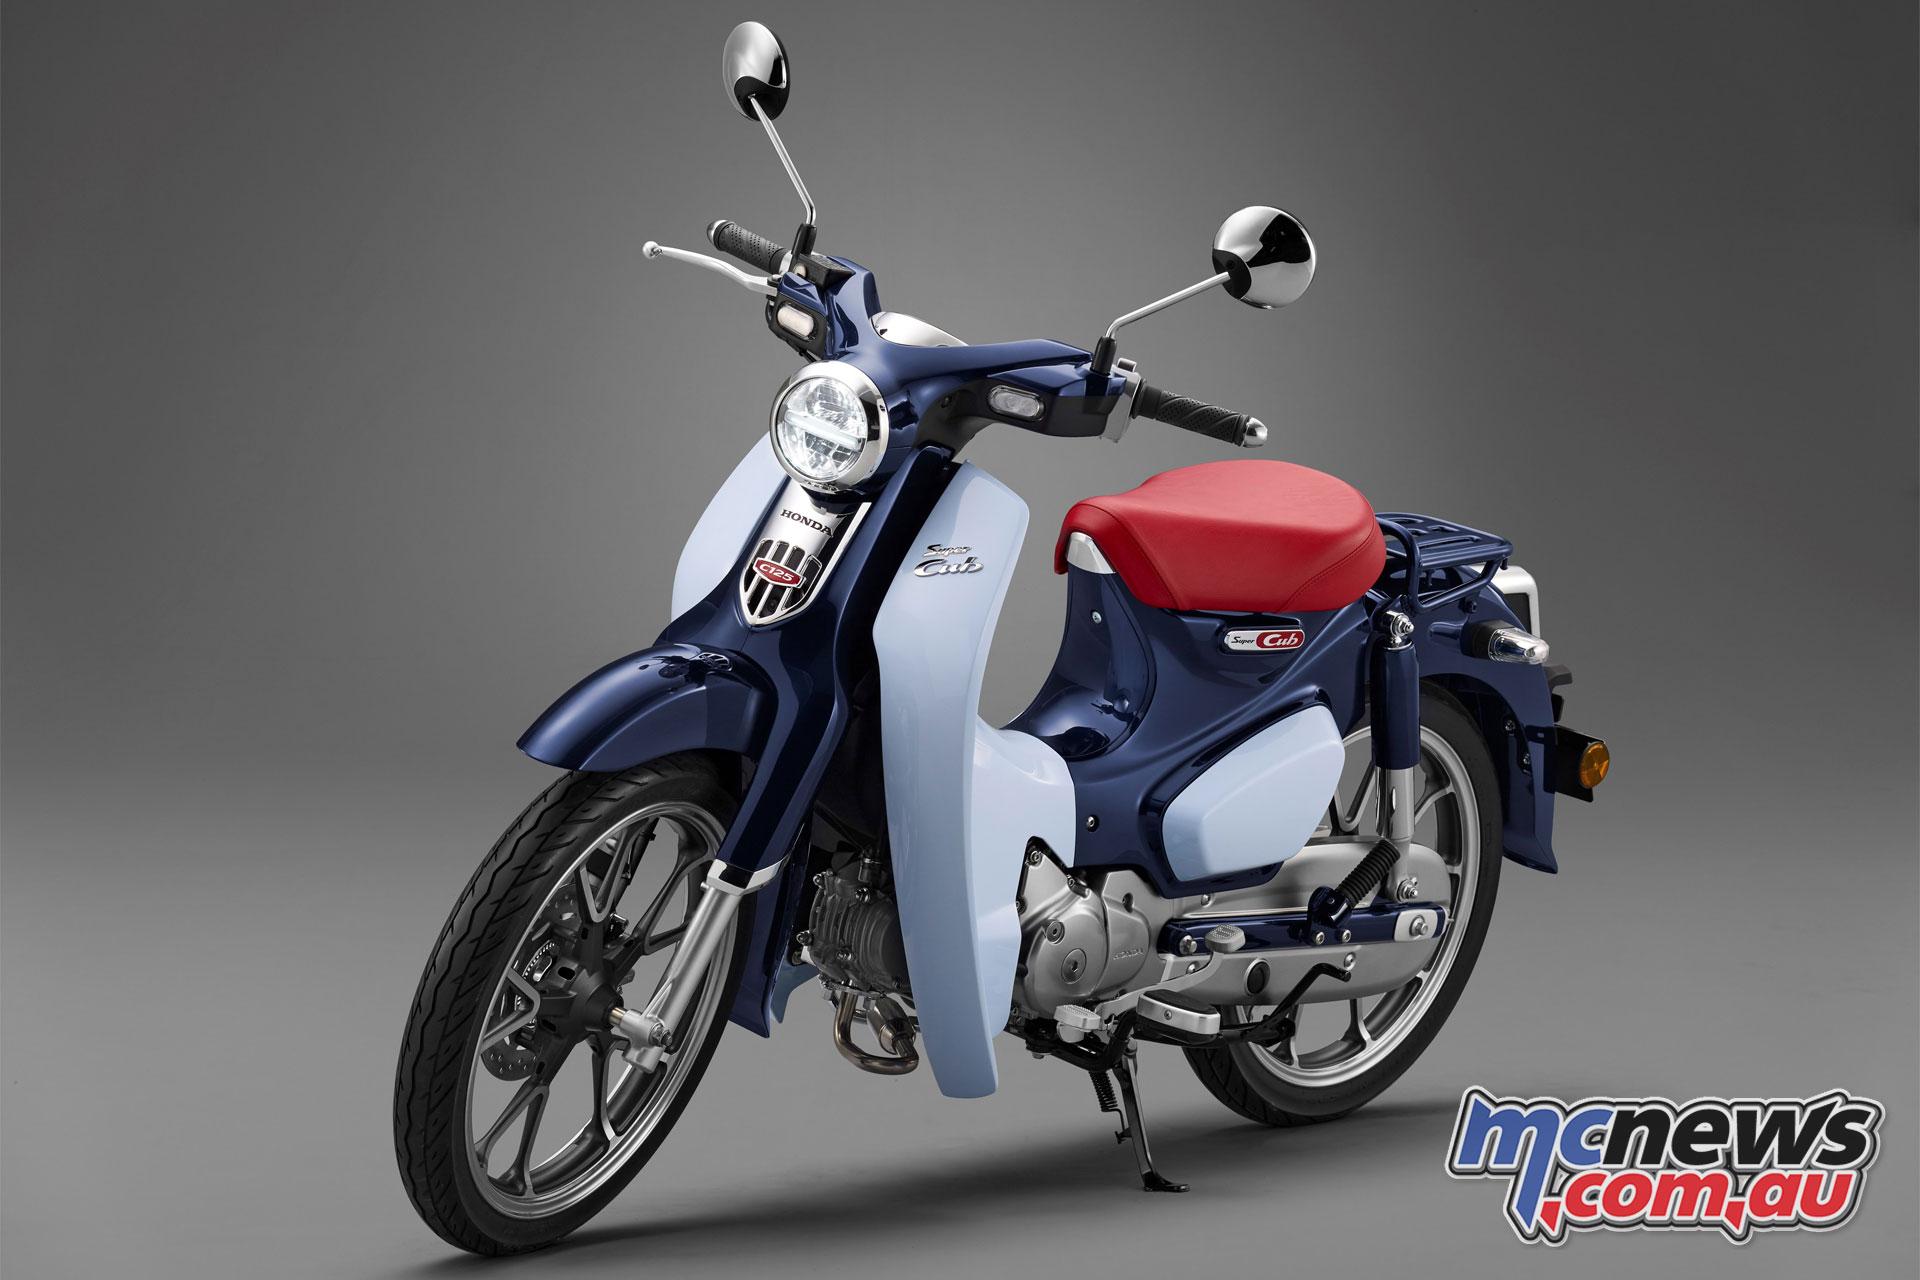 Honda Super Cub 110 commemorative edition concept | MCNews ...